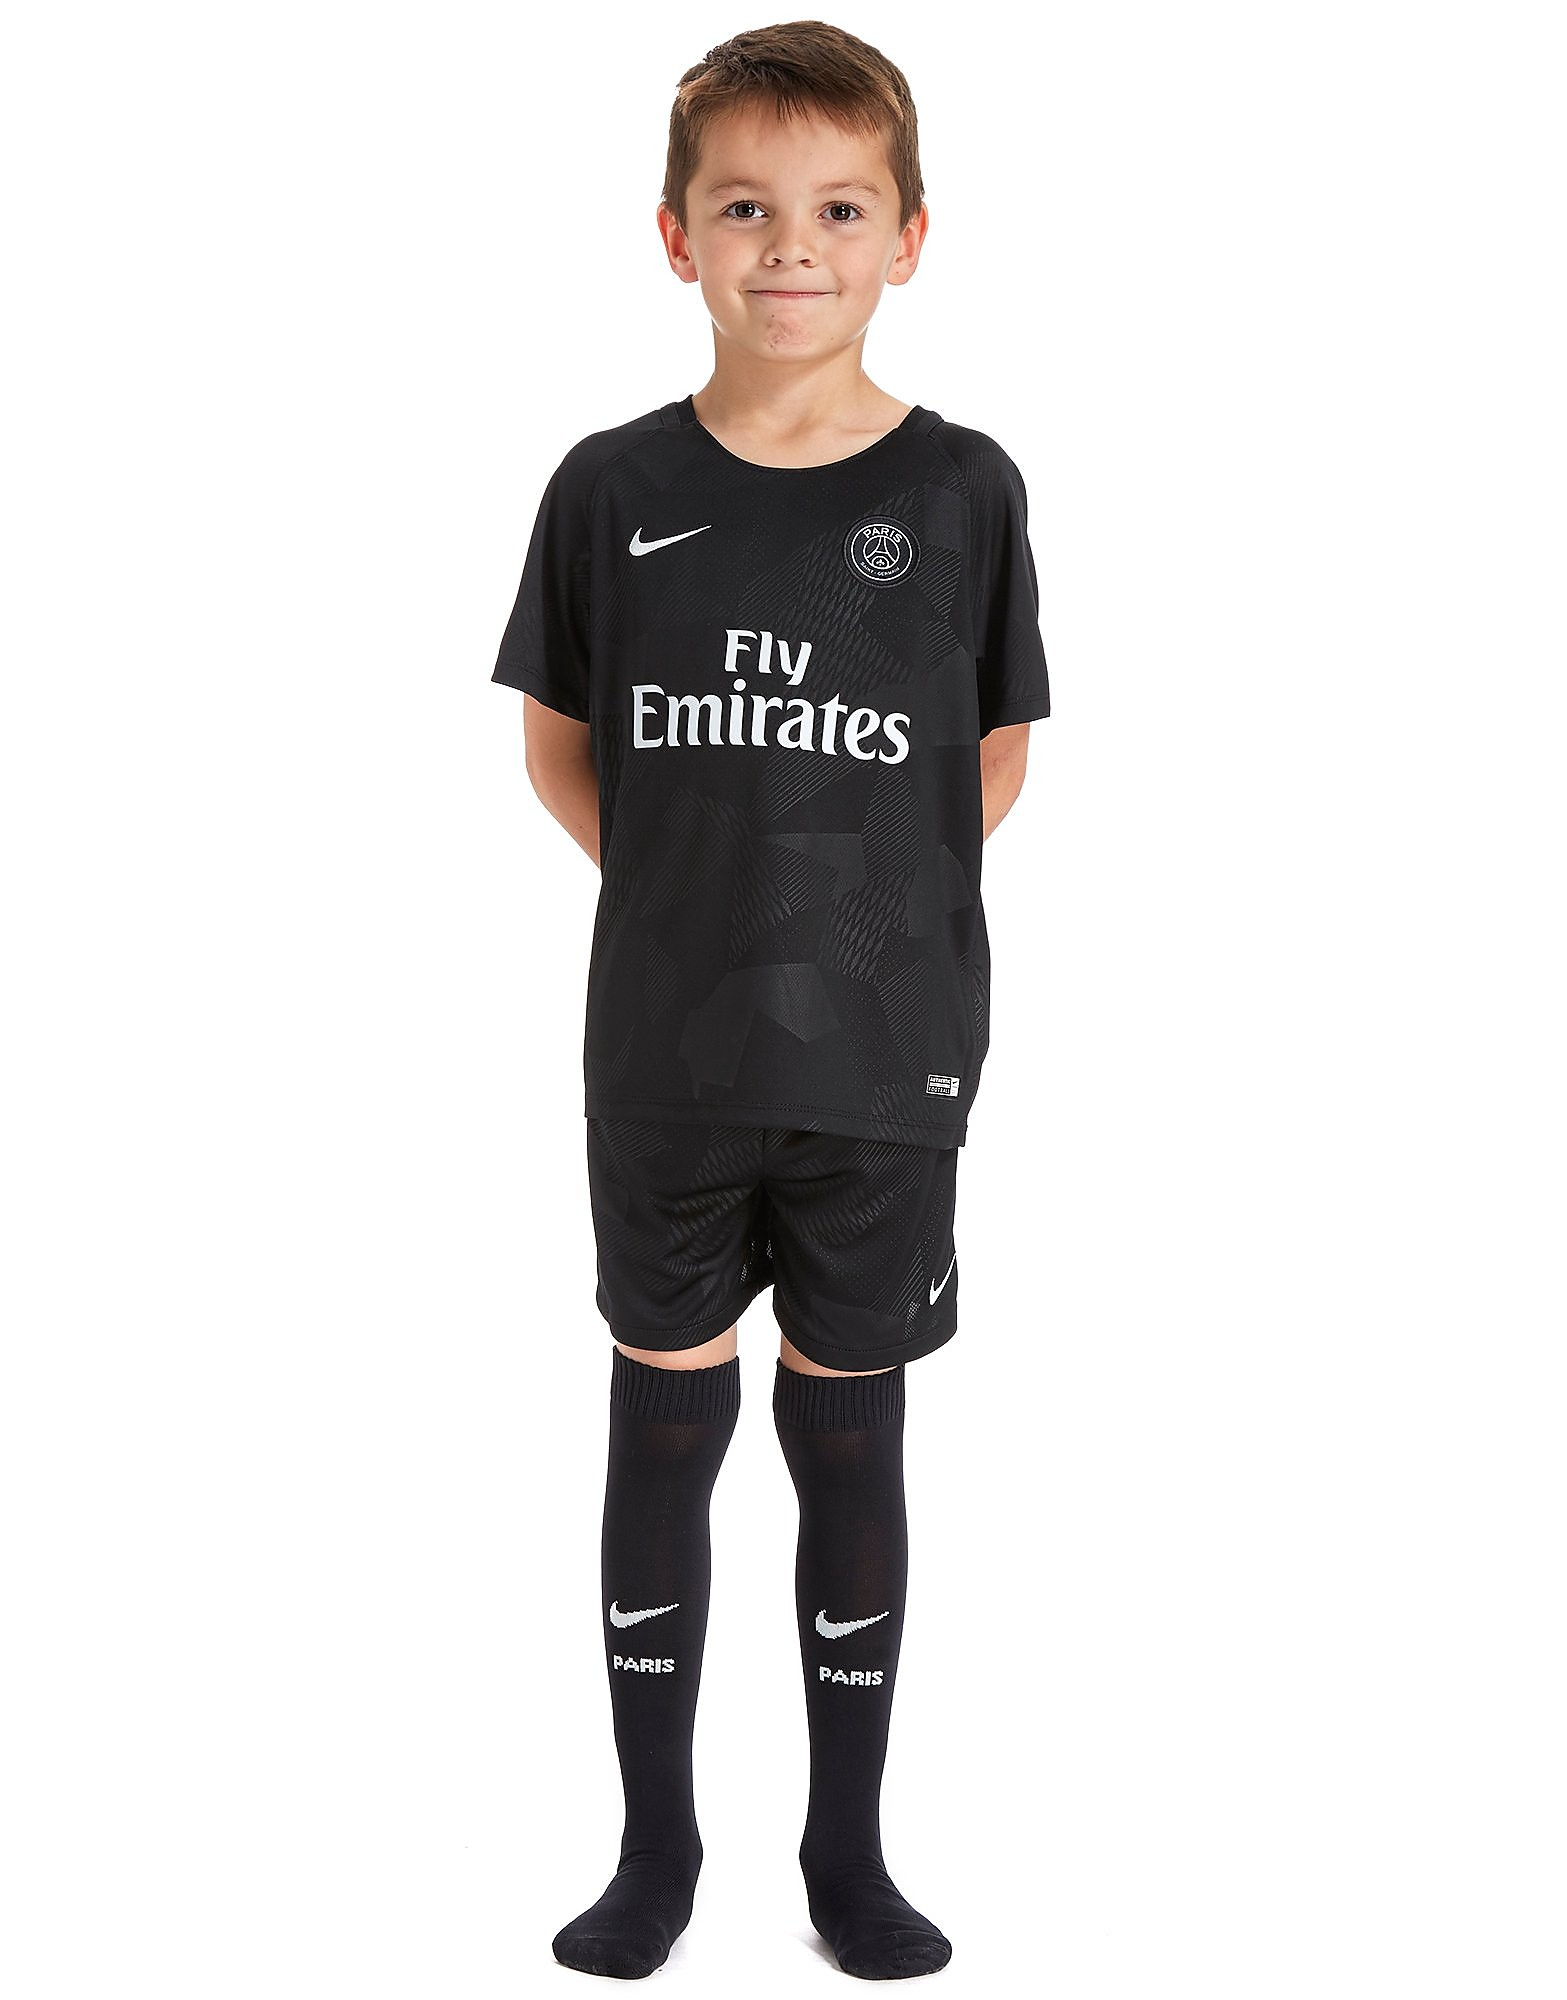 Nike Ensemble Paris Saint Germain 2017/18 Third Kit Enfant